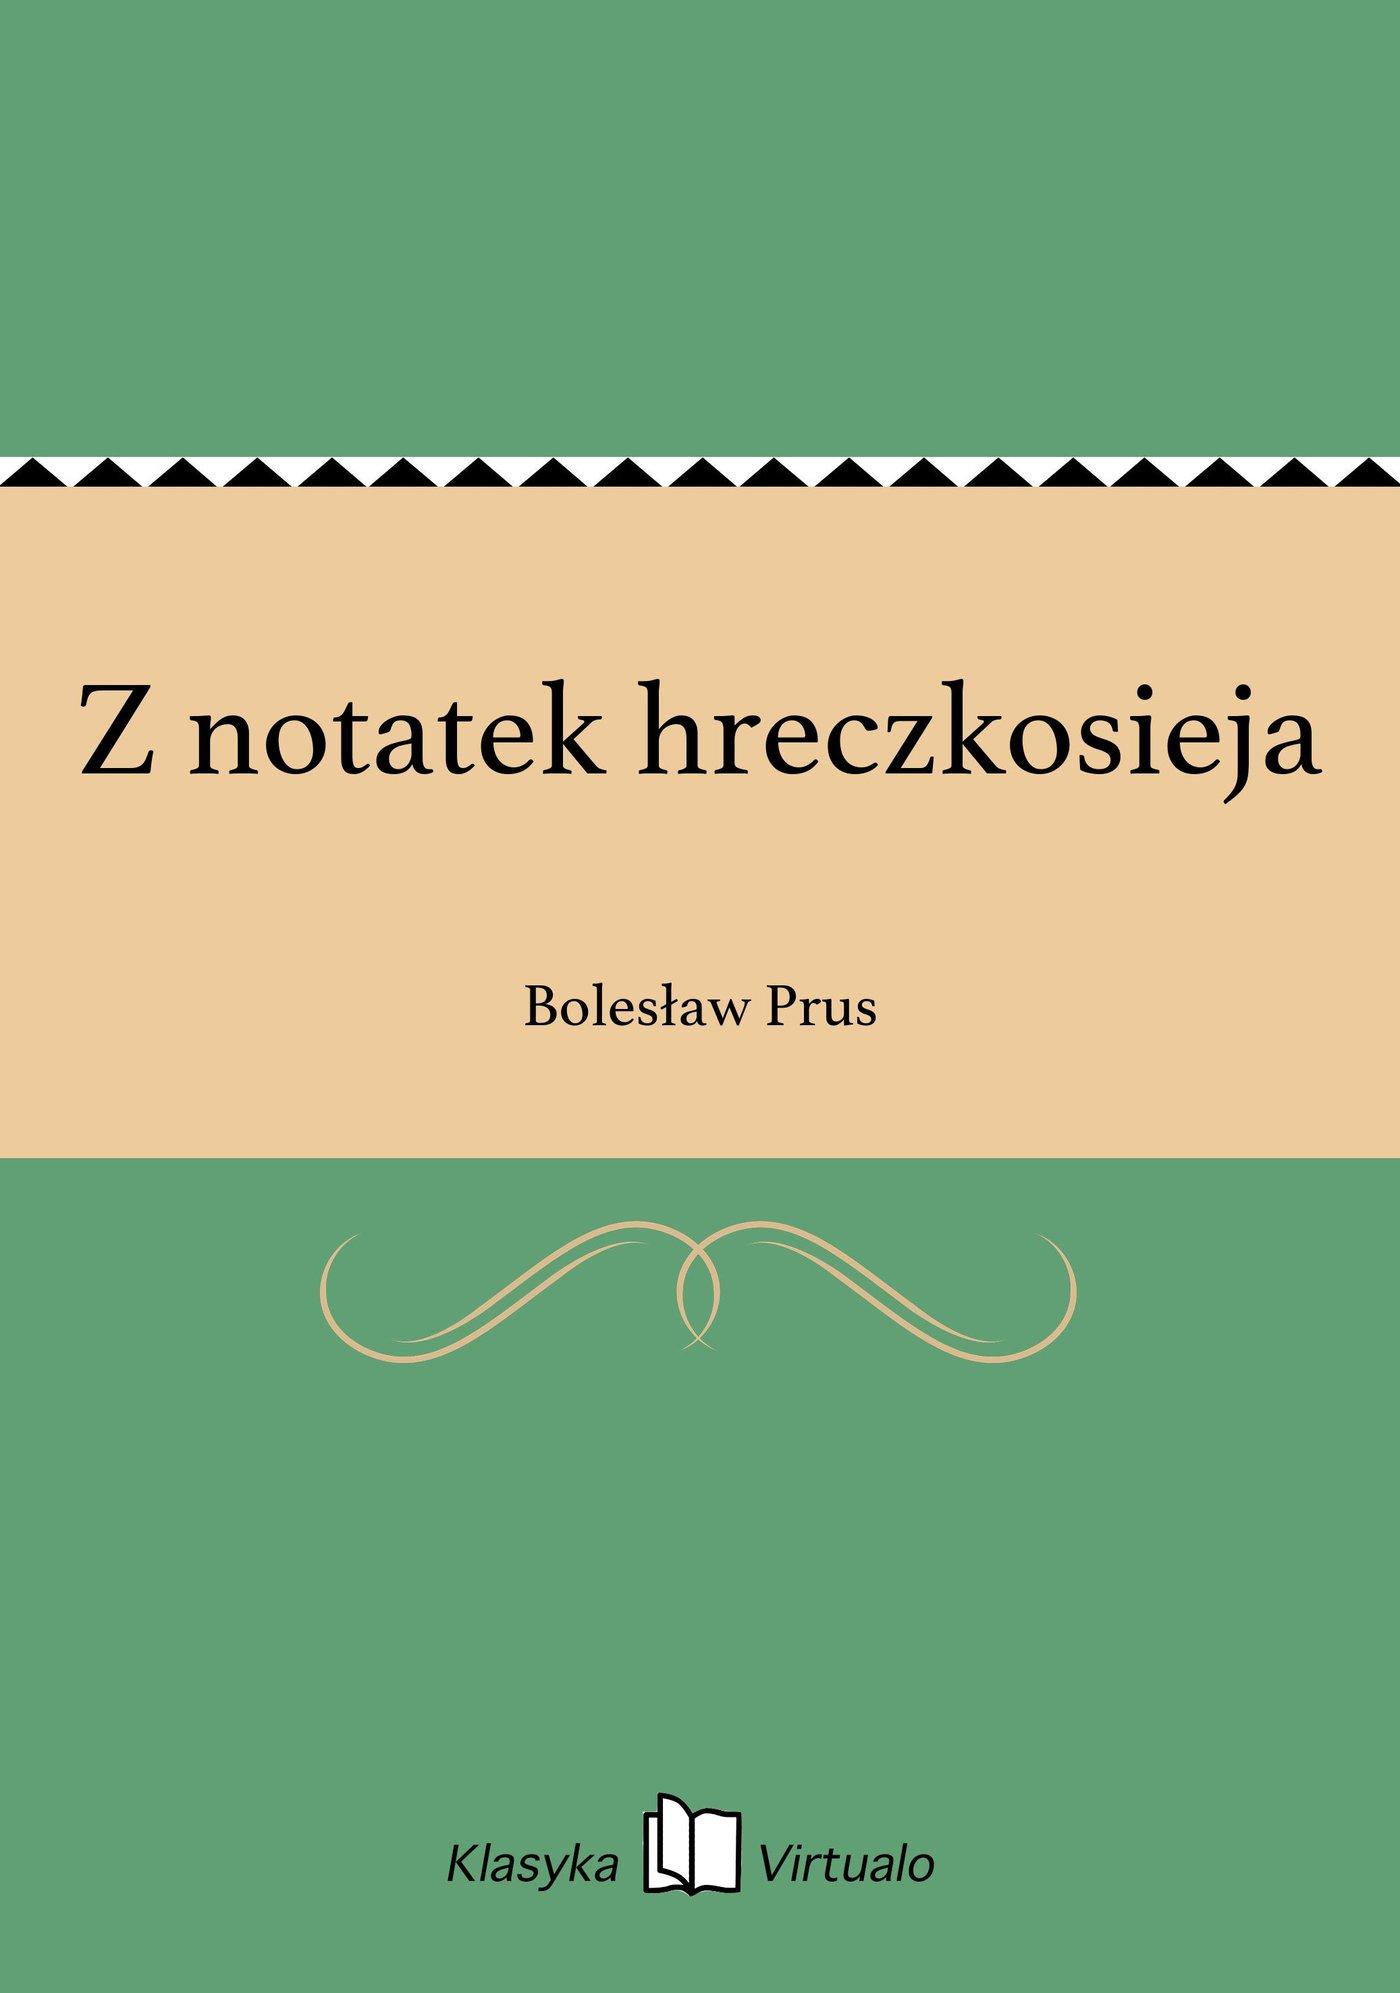 Z notatek hreczkosieja - Ebook (Książka EPUB) do pobrania w formacie EPUB